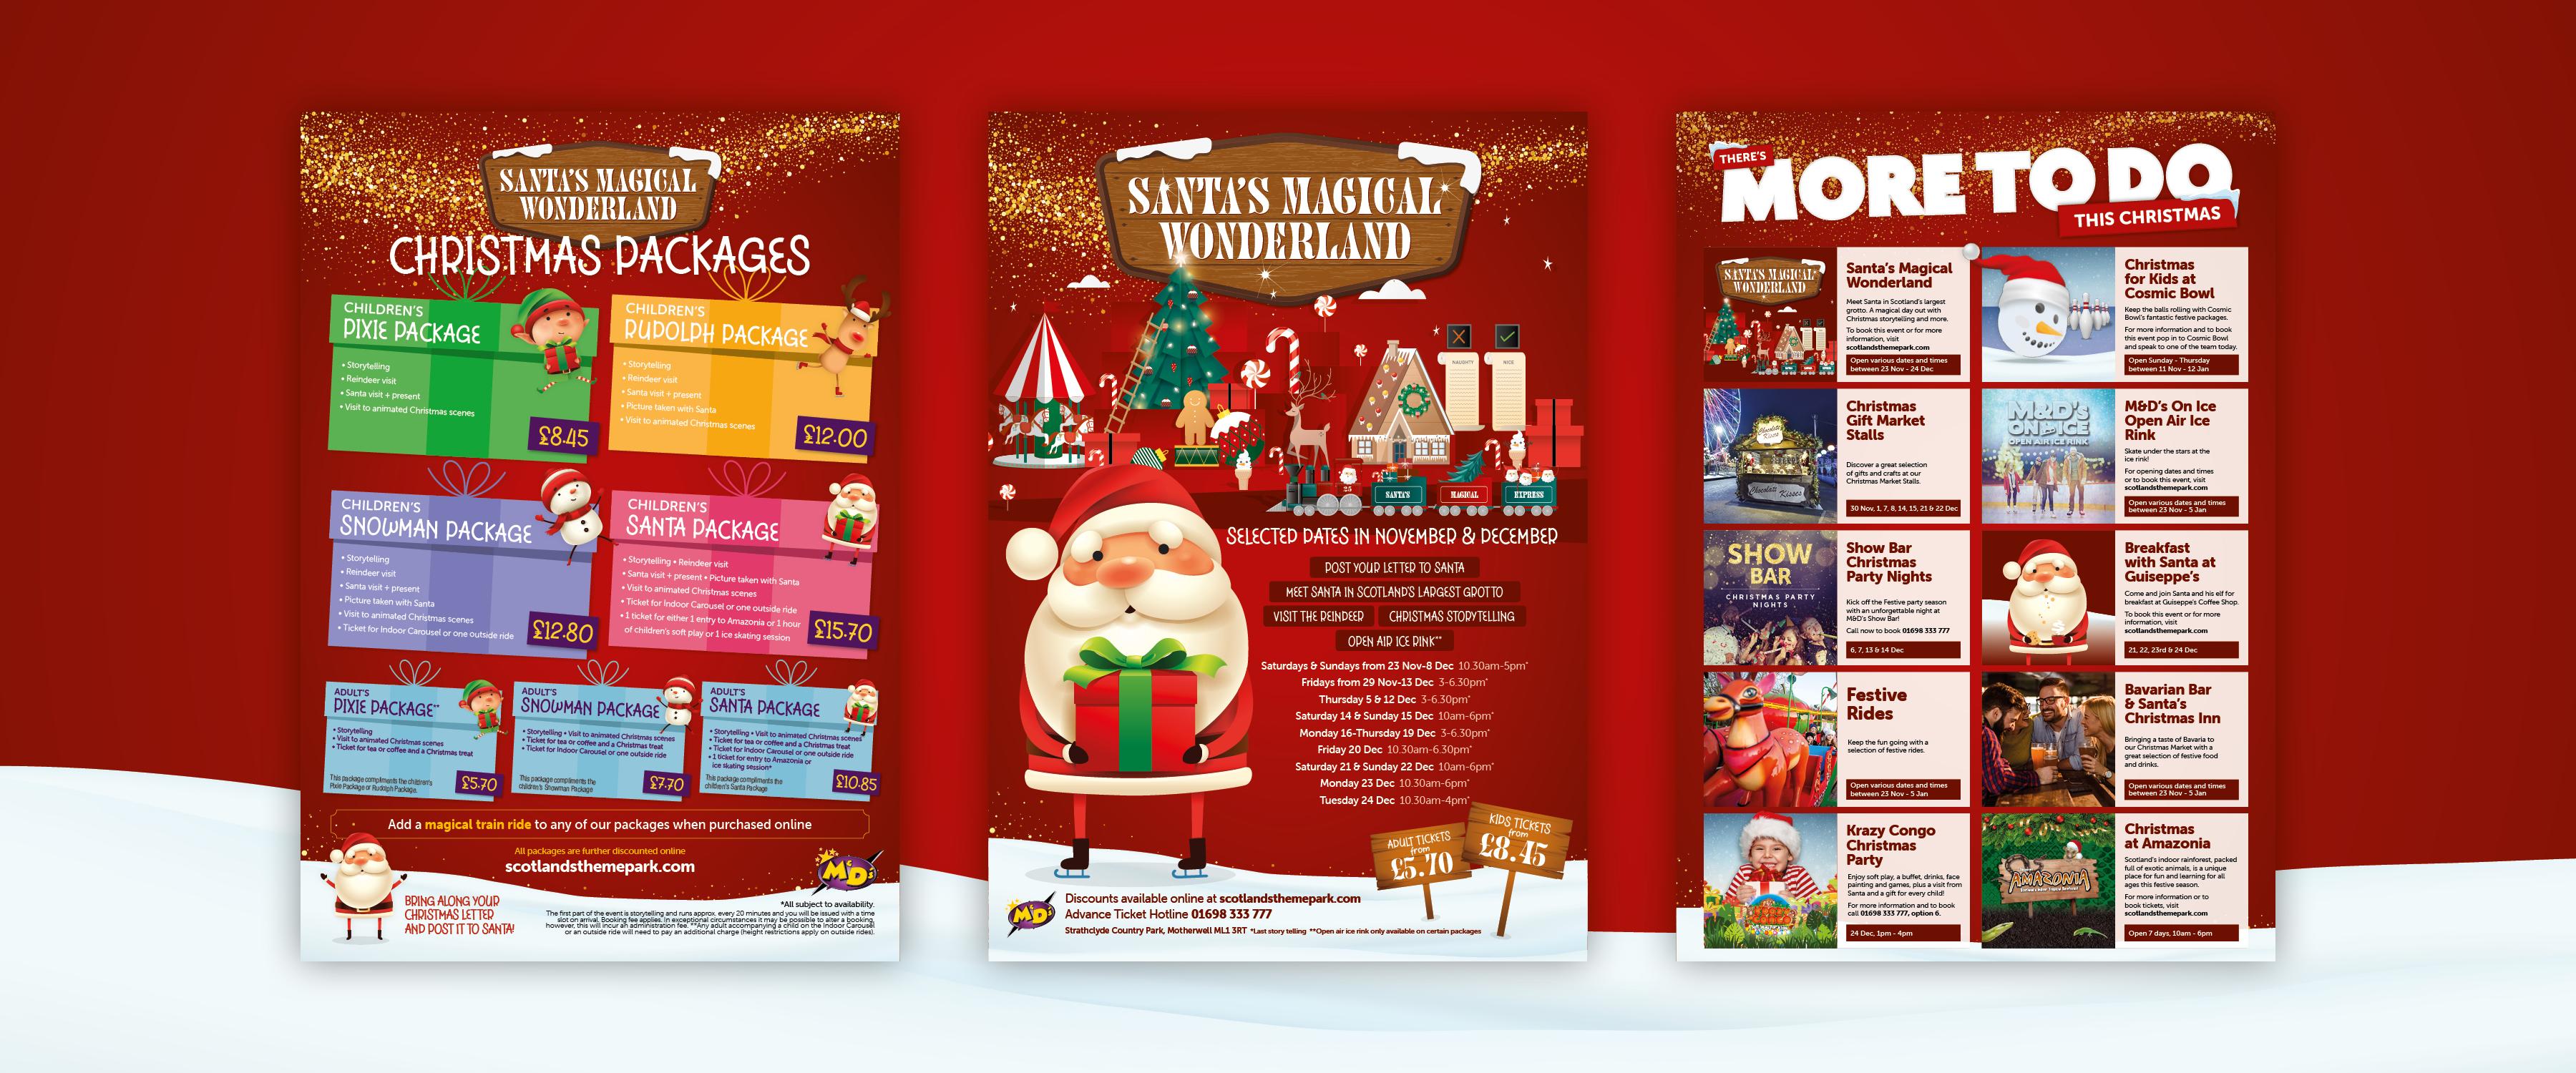 Santa's-Wonderland-Leaflets-Mock-Up-3600x1500